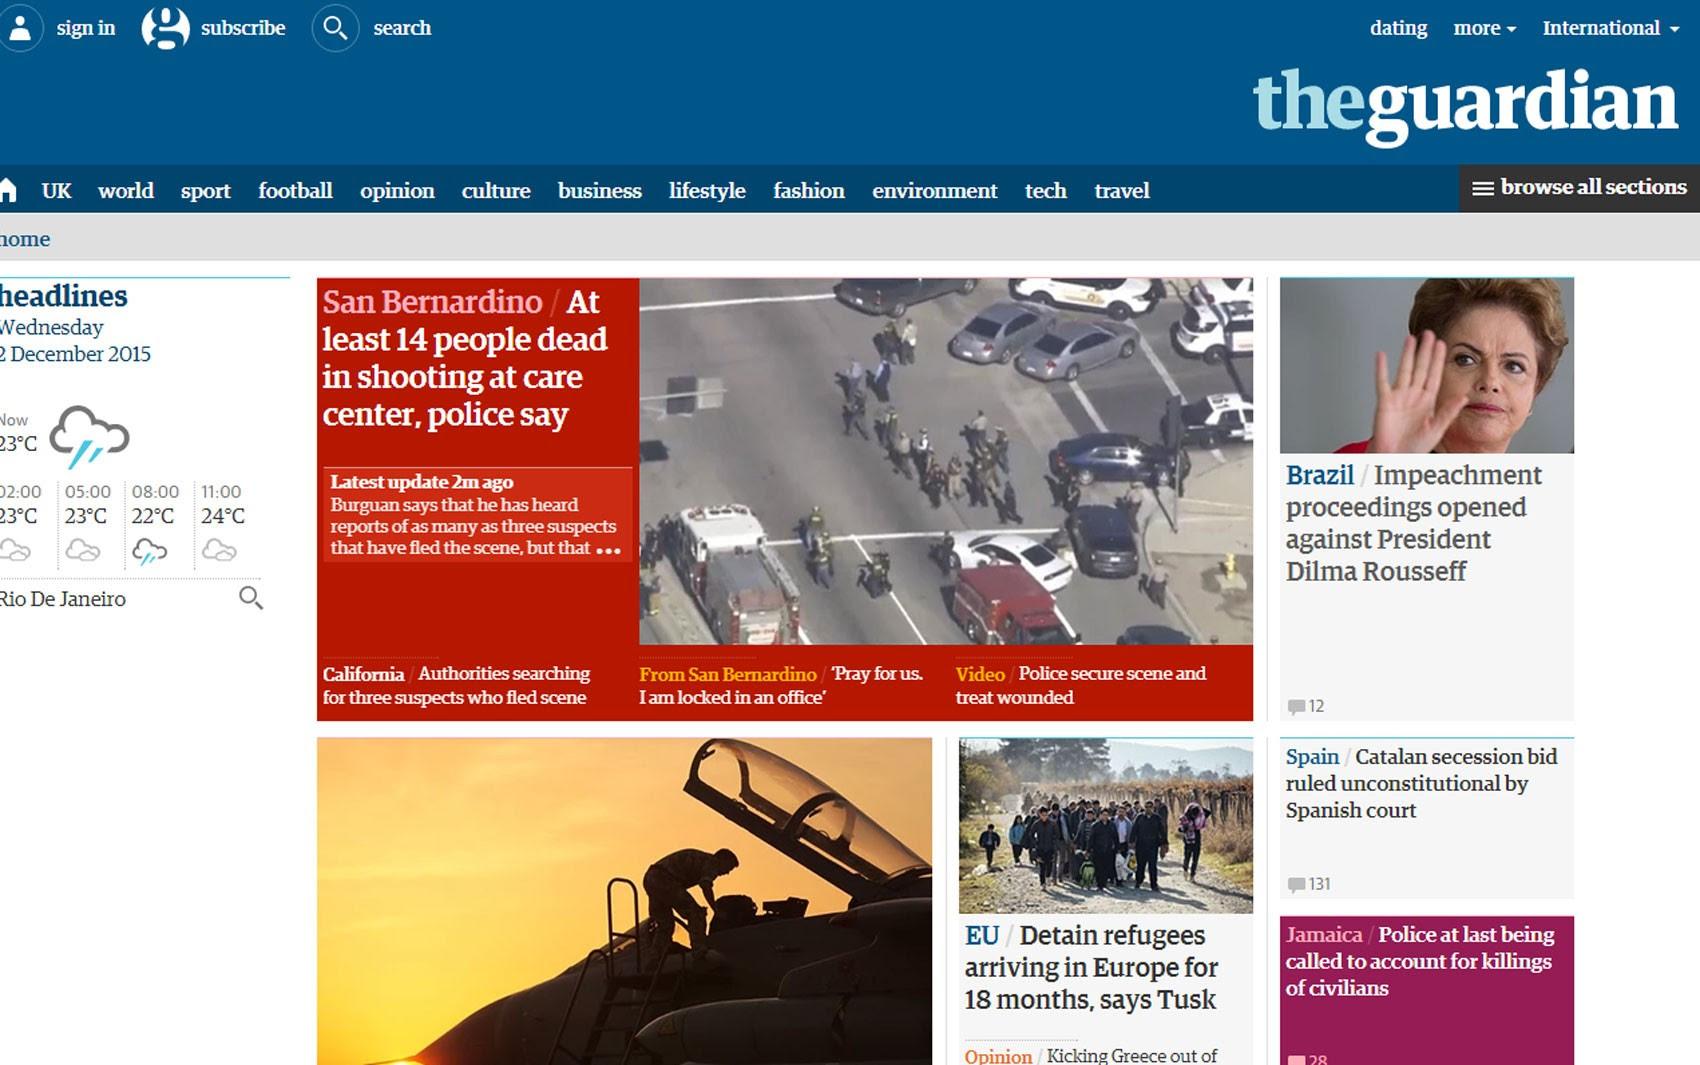 Abertura do processo de impeachment da presidente Dilma Rousseff foi noticiada no site do jornal britânico 'The Guardian' (Foto: Reprodução/The Guardian)